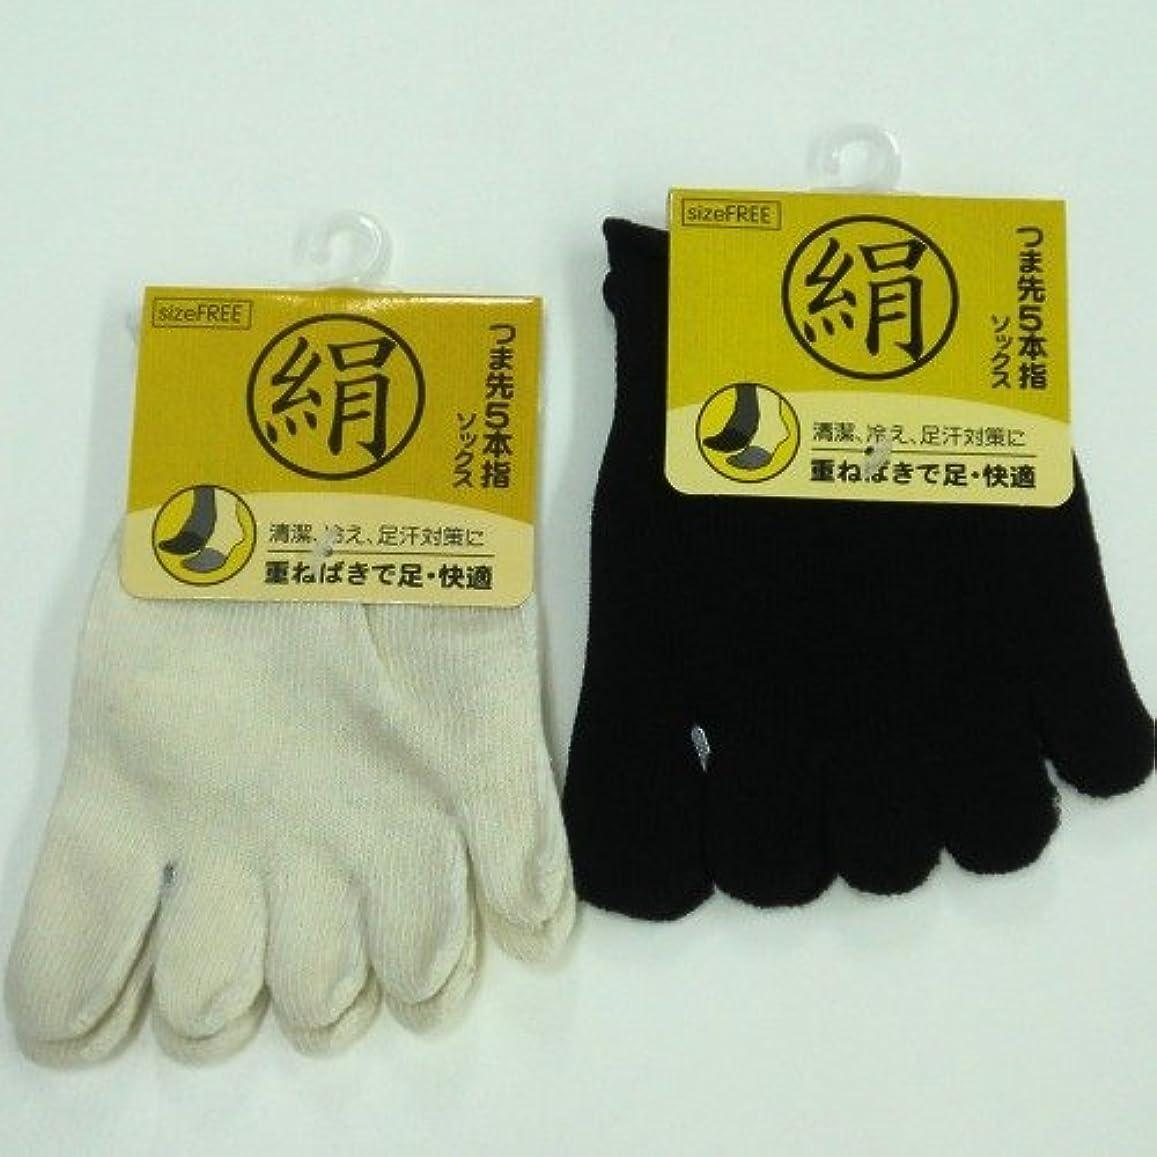 天皇組制裁5本指ソックス つま先 ハーフソックス 足指カバー 天然素材絹で抗菌防臭 お買得5足組 (色はお任せ)